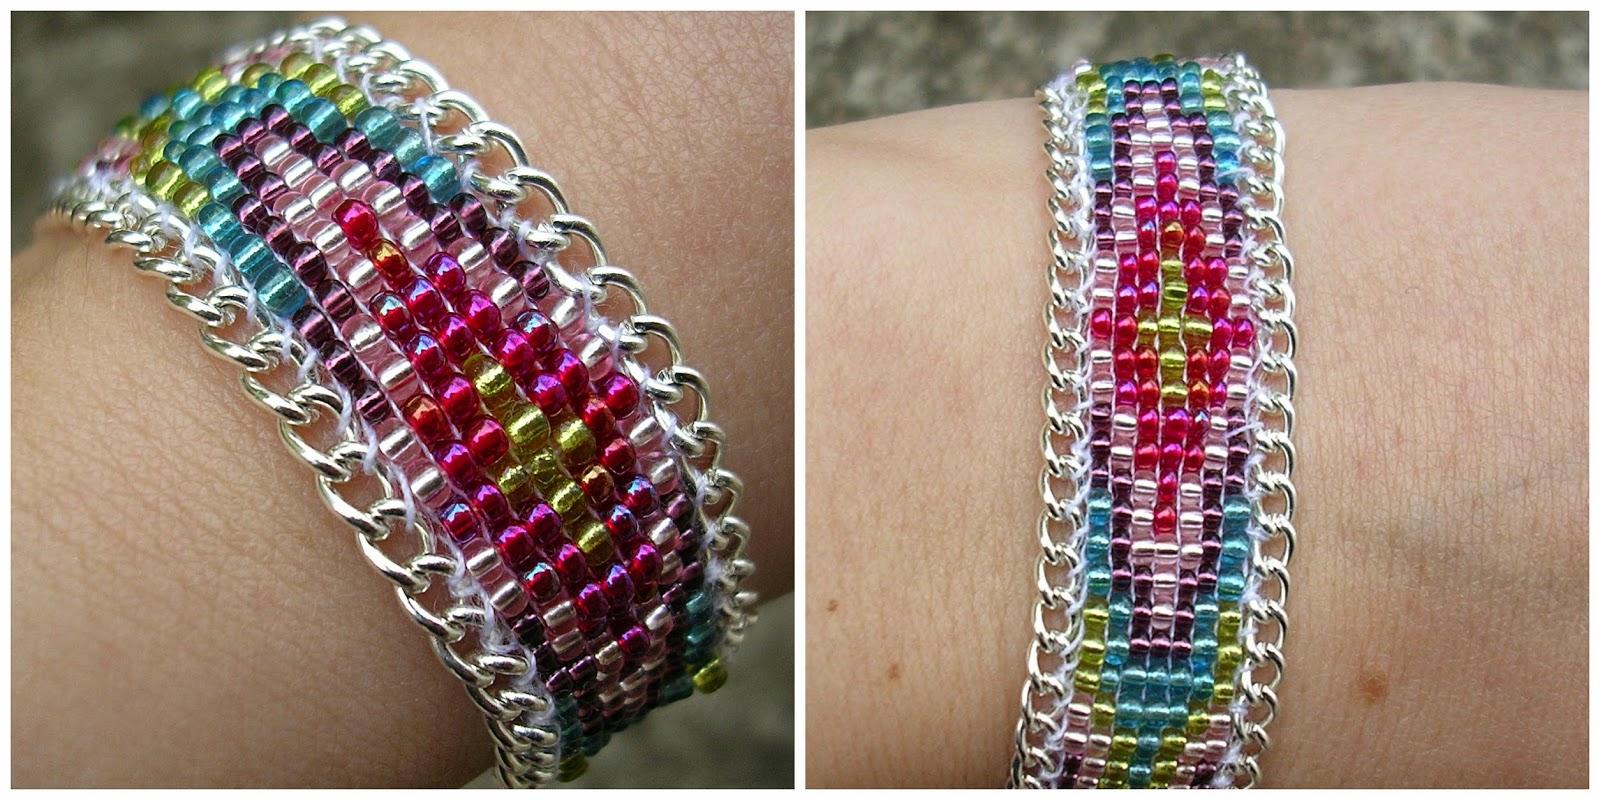 Super Boucle d'Aure: DIY : Bracelet perles tissées et chaine SZ95